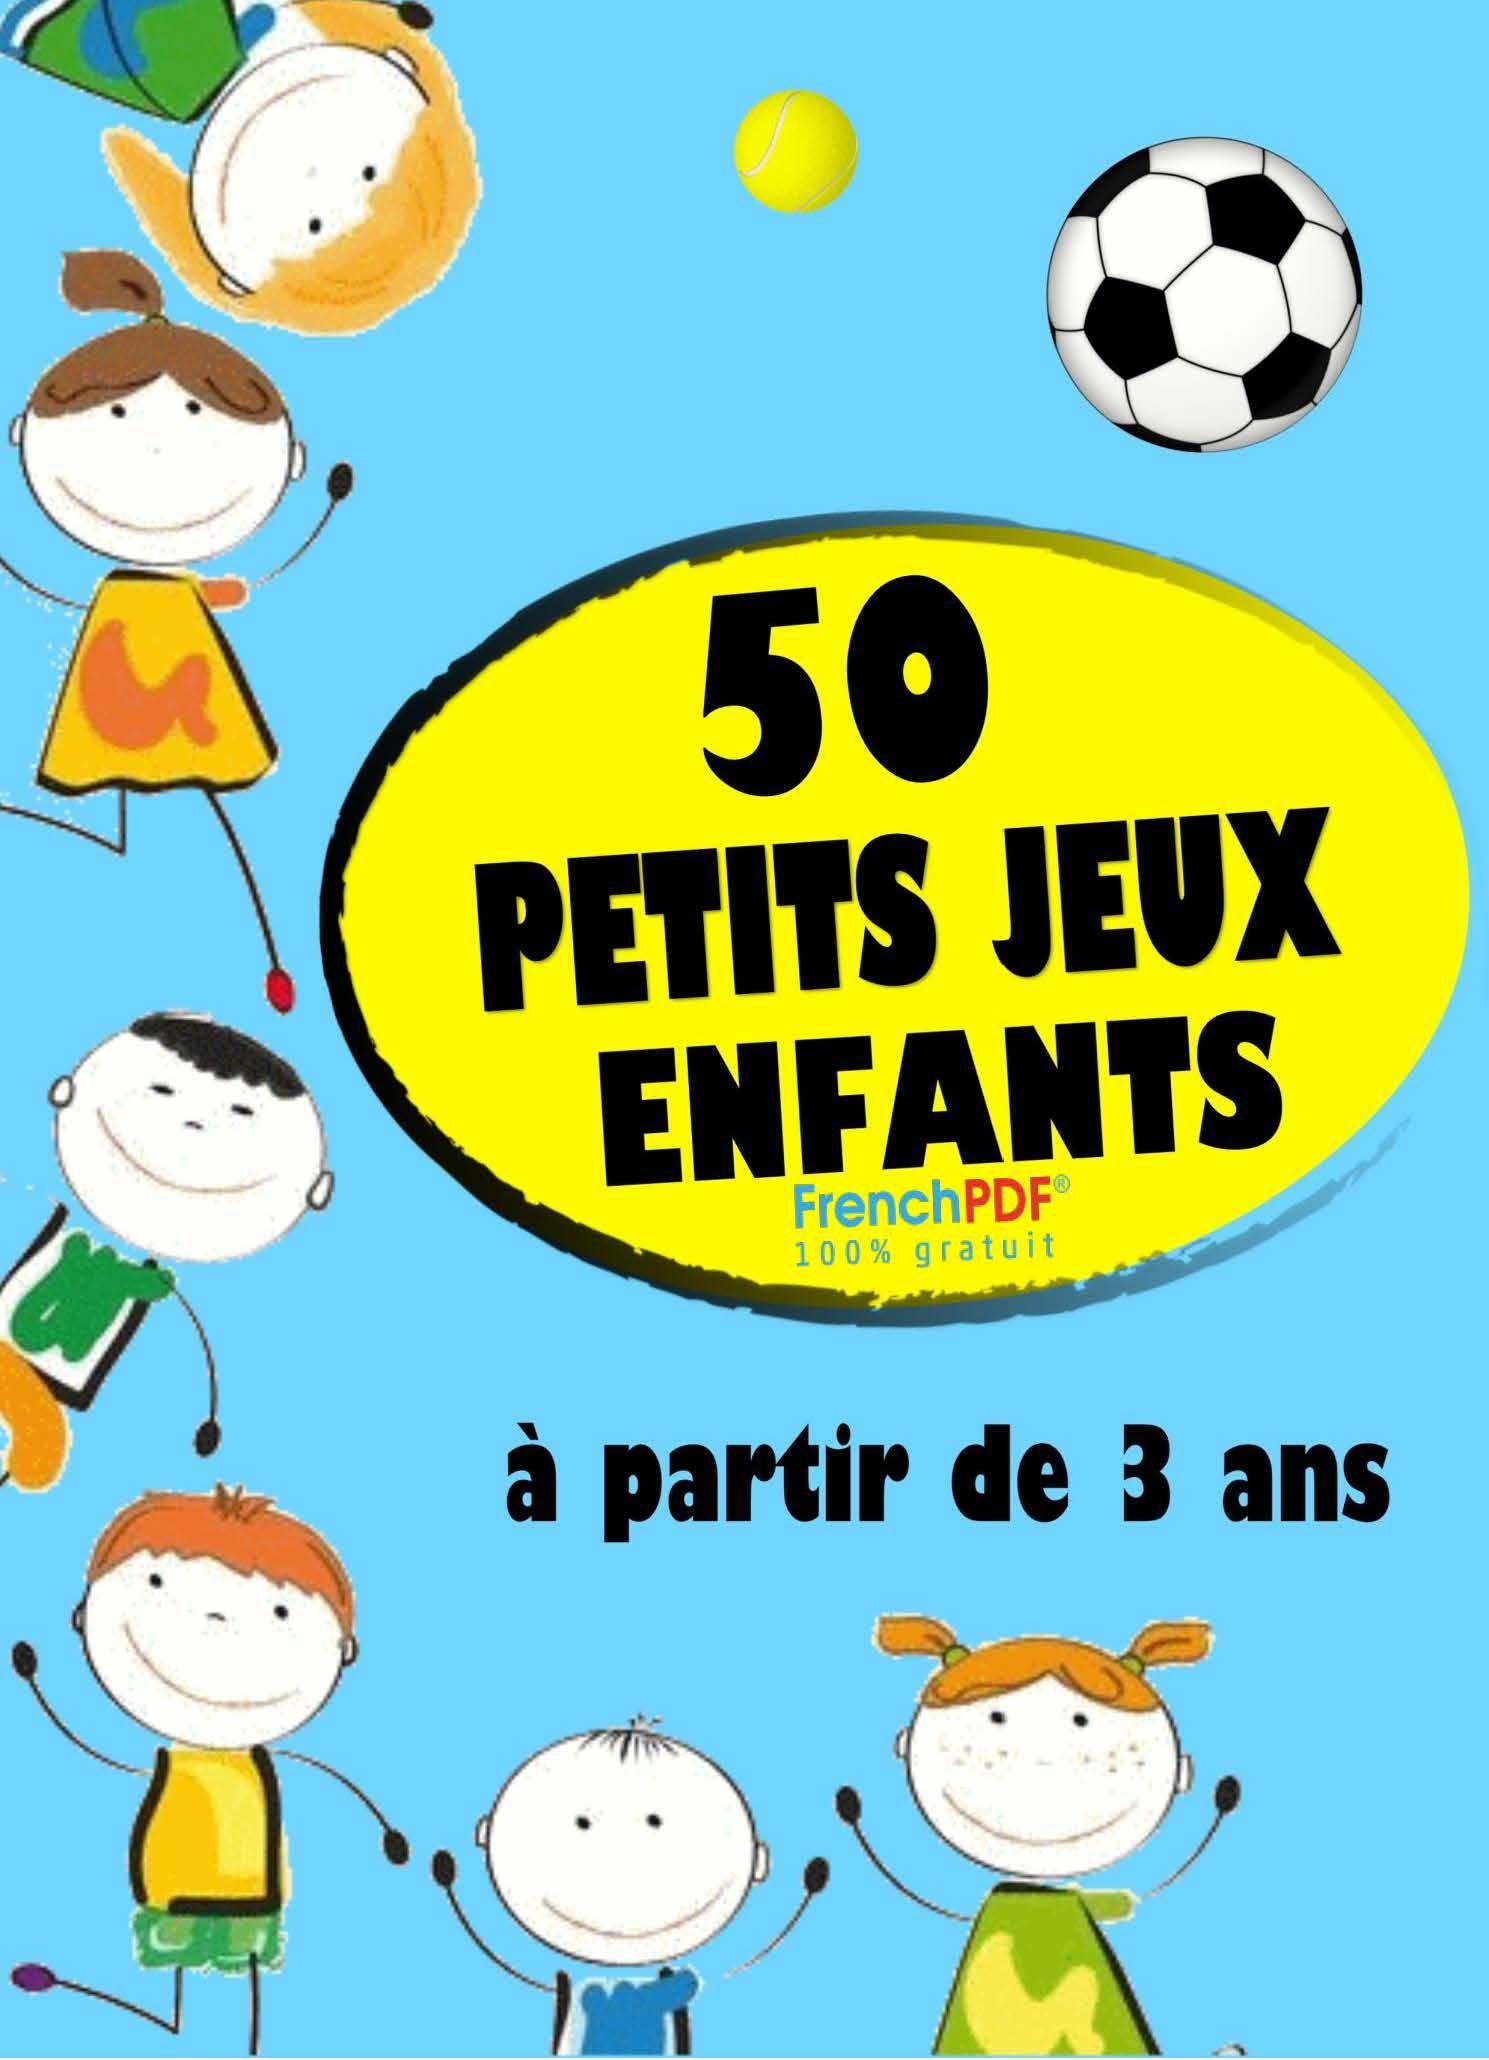 50 Petits Jeux Enfants À Partir 3 Ans Pdf Gratuit Sur tout Jeux Gratuit Enfant 3 Ans